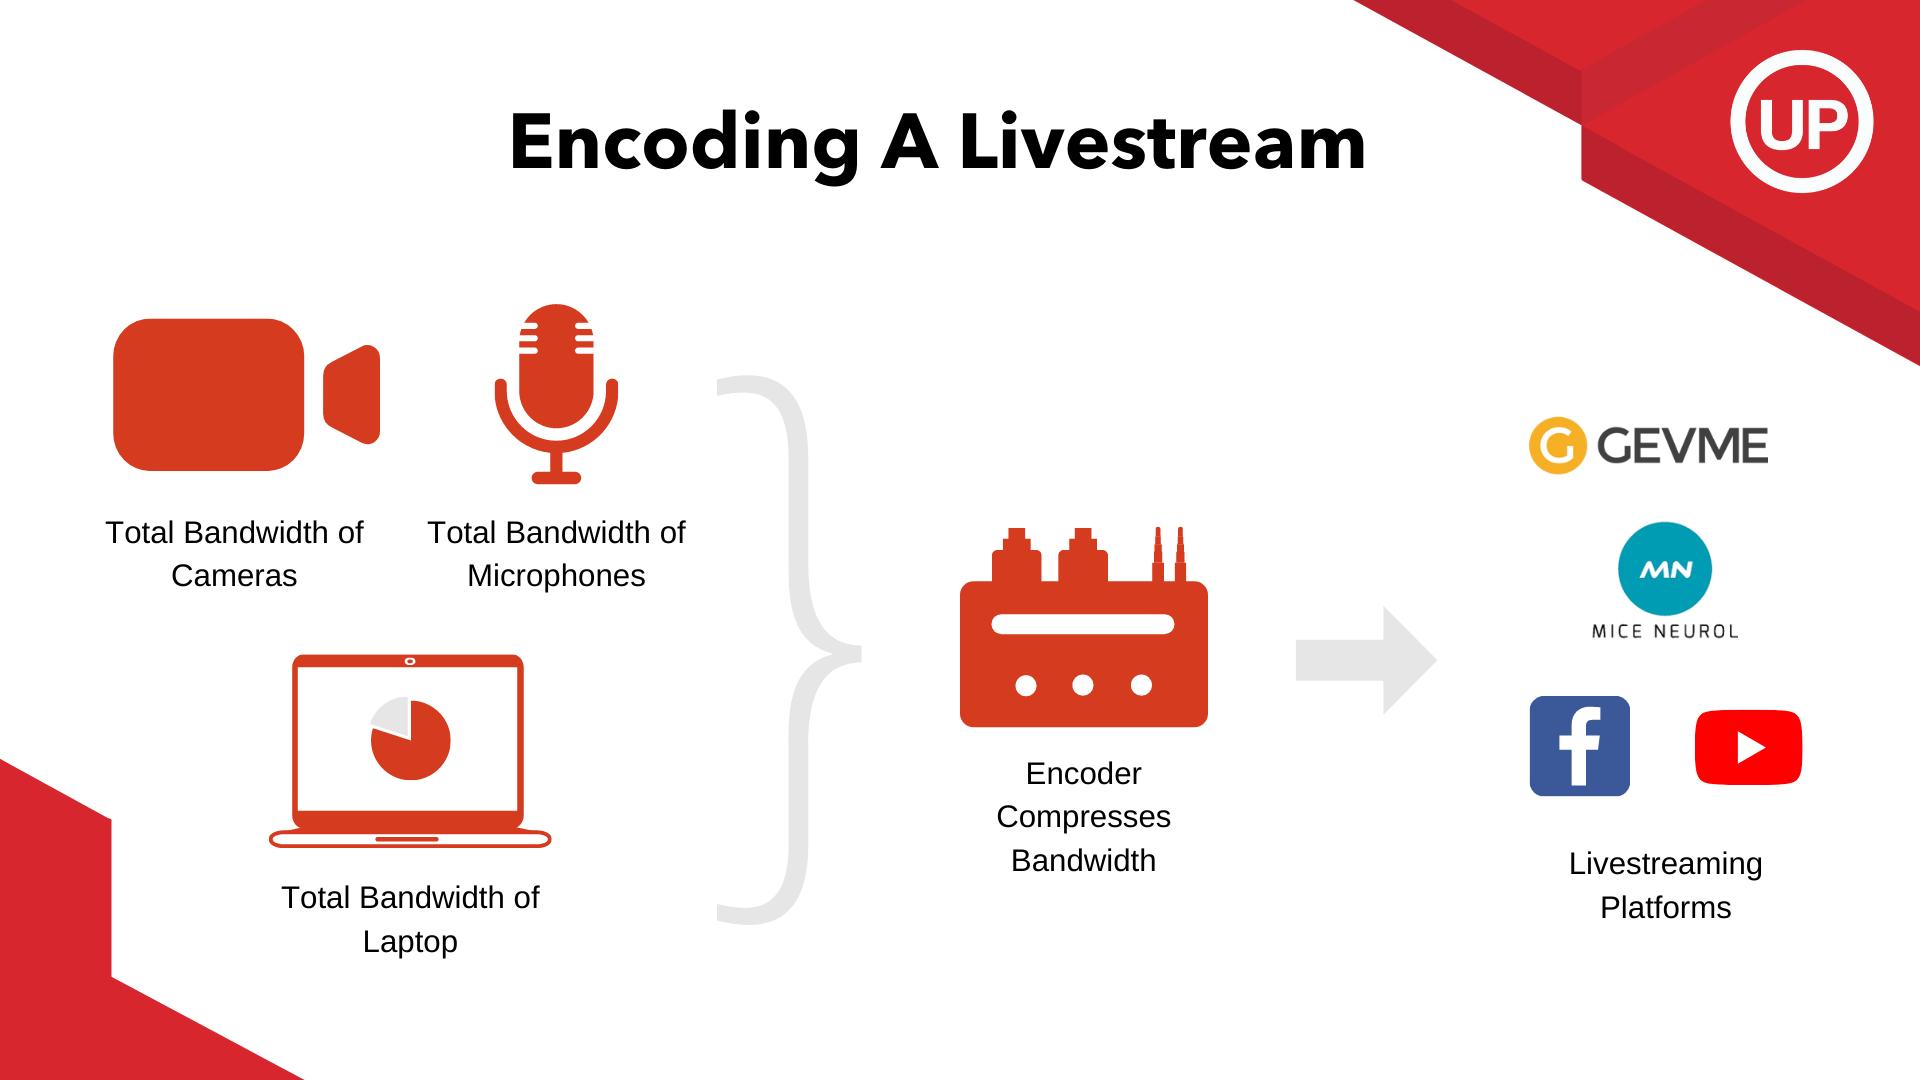 Encoding A Livestream